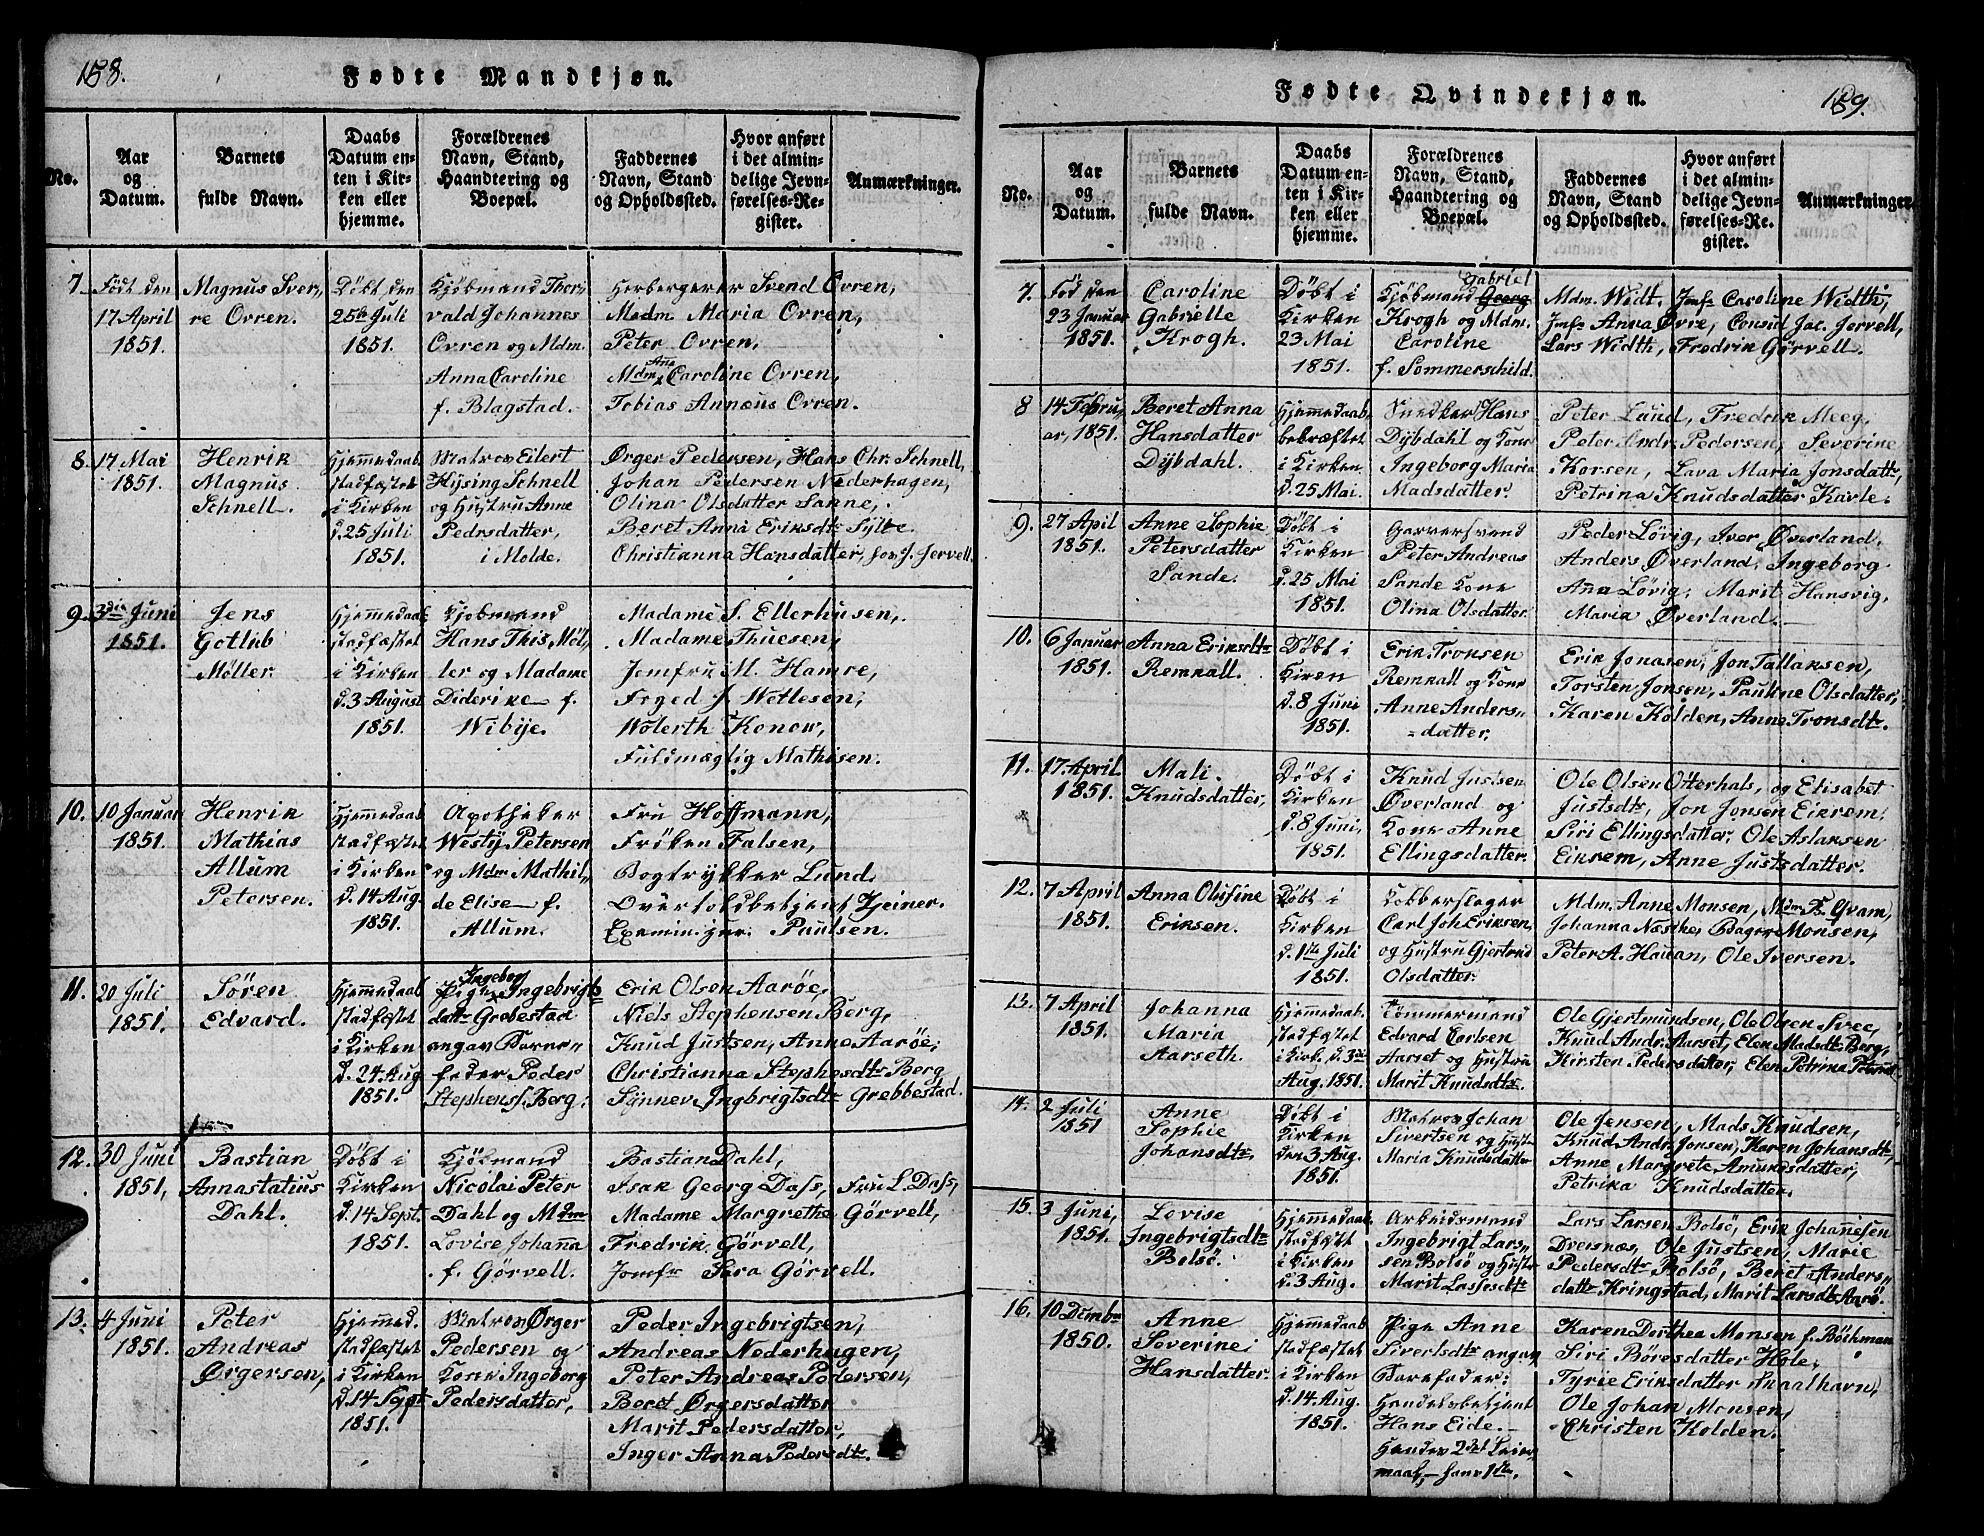 SAT, Ministerialprotokoller, klokkerbøker og fødselsregistre - Møre og Romsdal, 558/L0700: Klokkerbok nr. 558C01, 1818-1868, s. 158-159